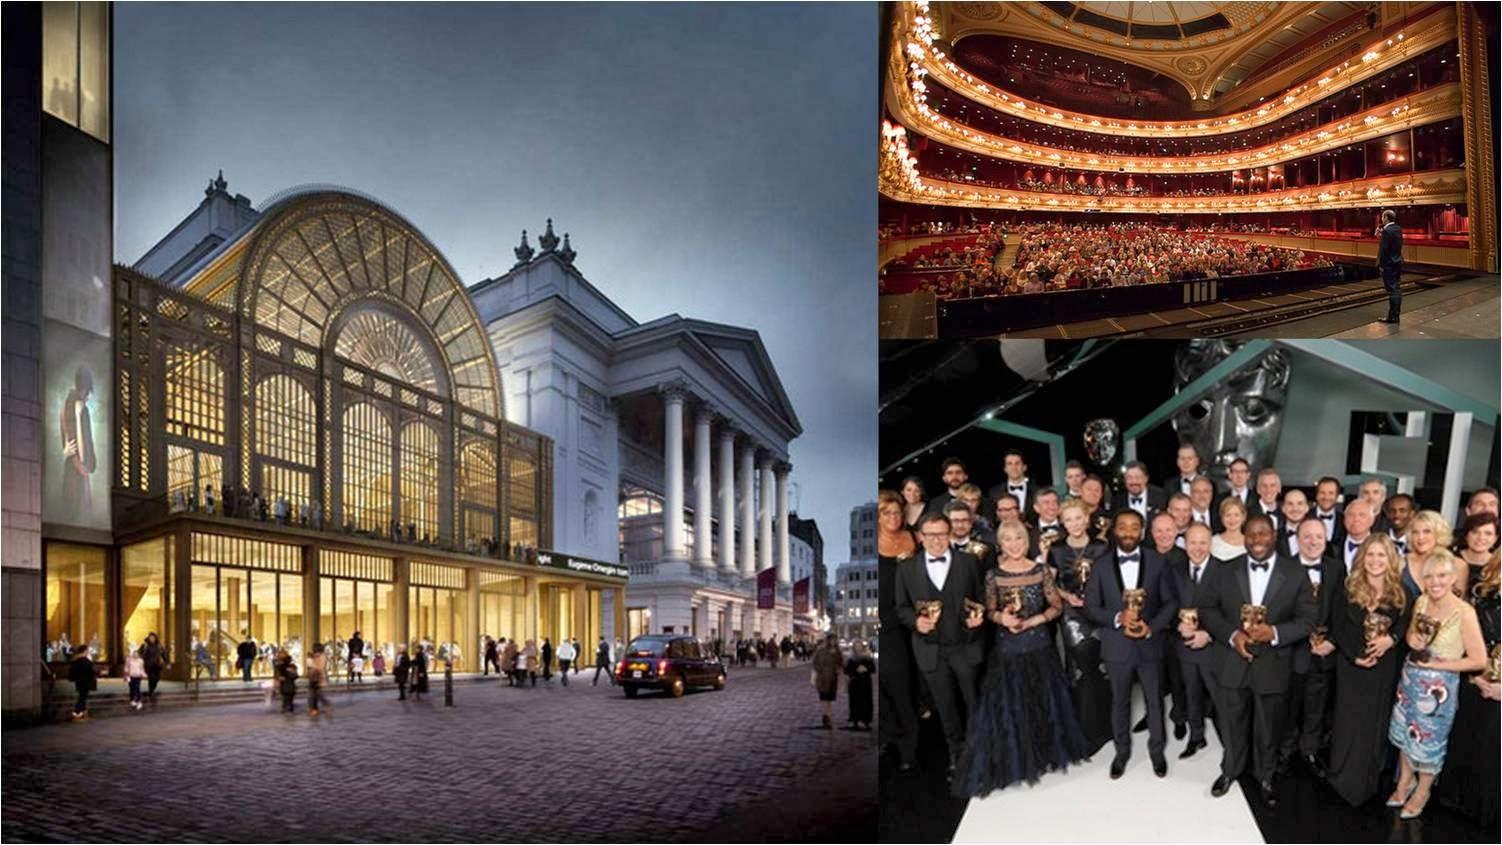 BAFTA 2014 at Royal Opera House , London